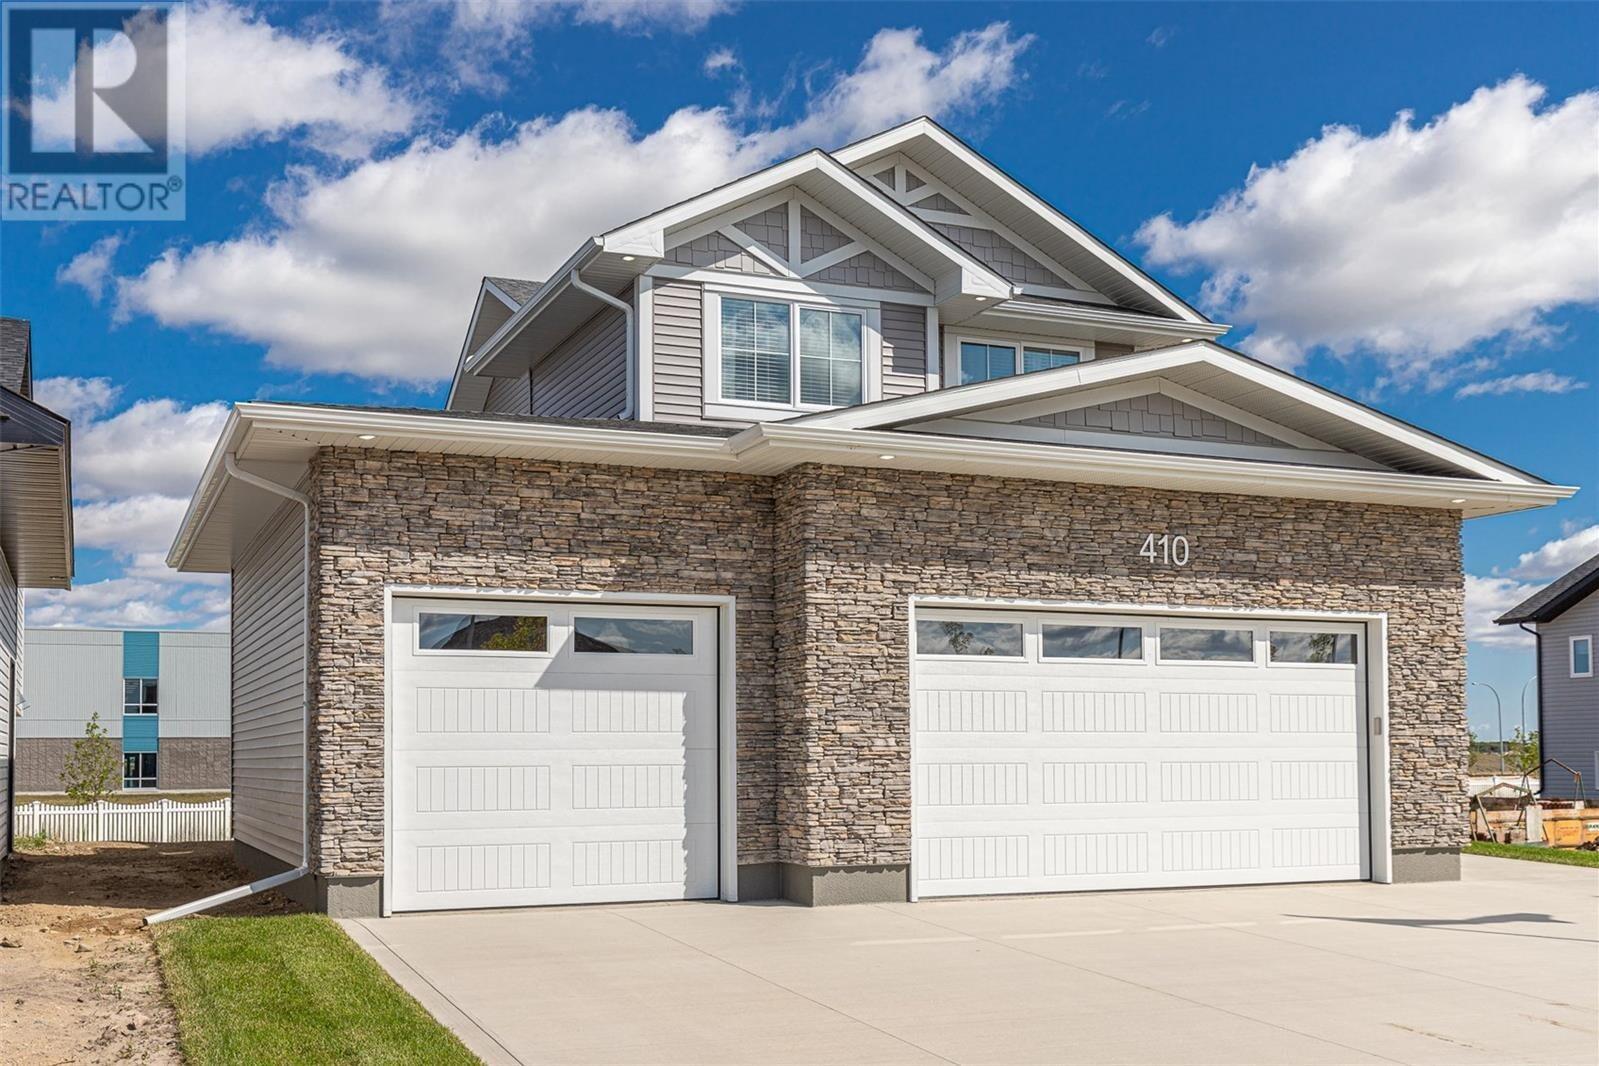 House for sale at 410 Augusta Blvd Warman Saskatchewan - MLS: SK808901